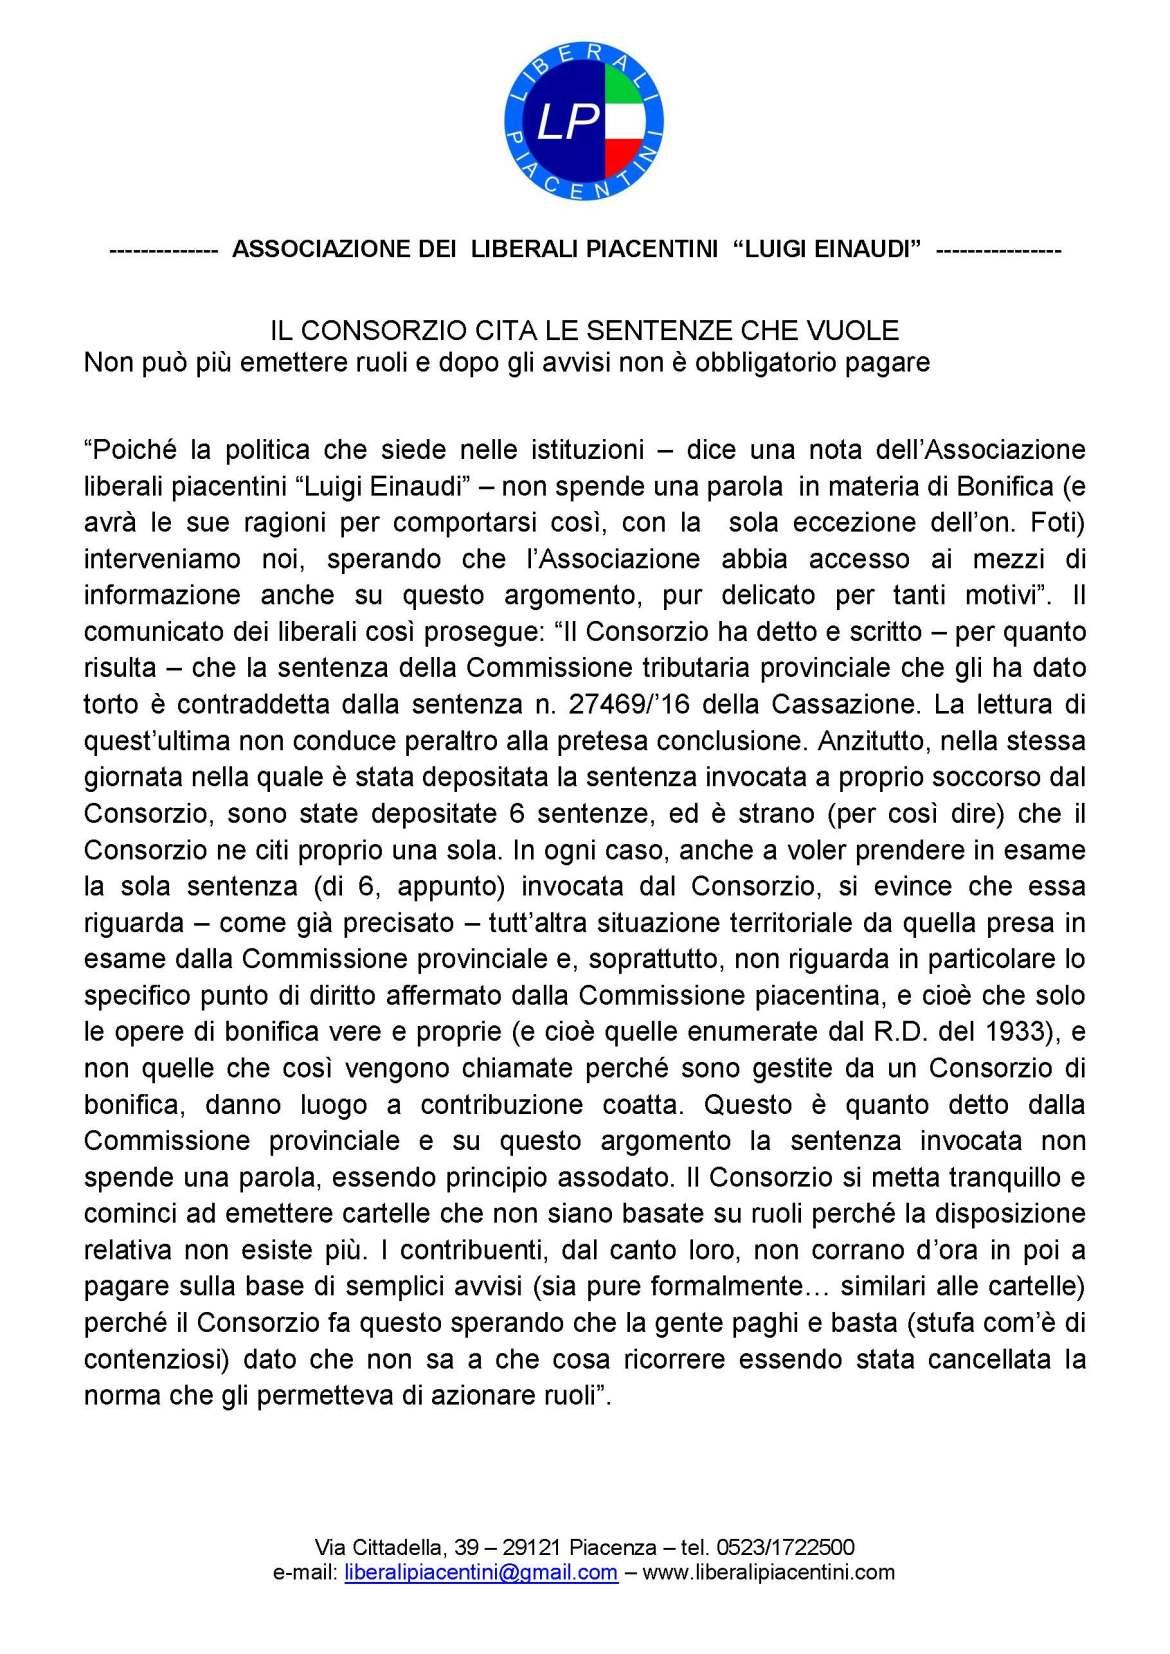 comunicato-25-01-2017-consorzio-cita-sentenze-che-vuole